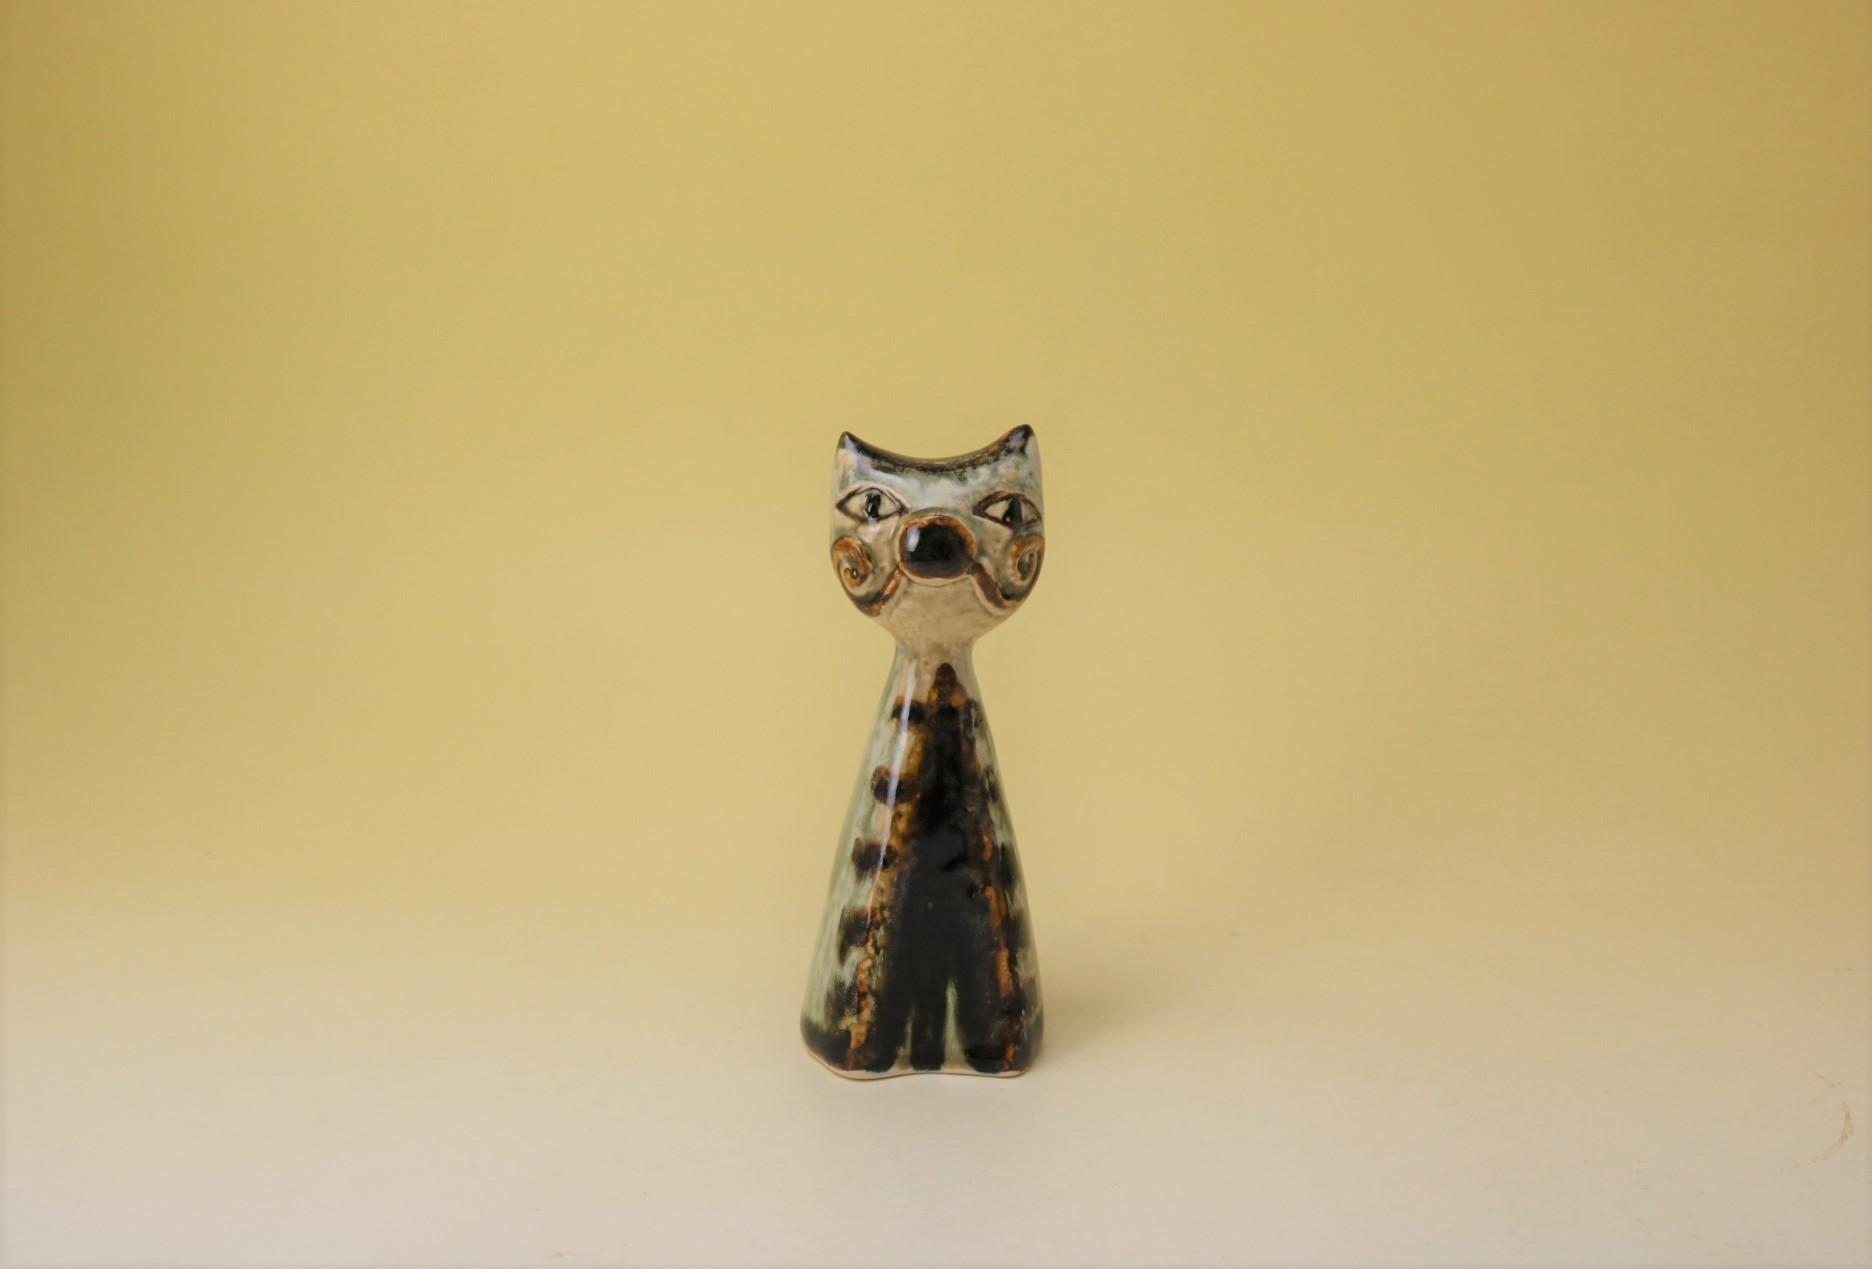 画像1: SOHOLM/DANSK JOSEPH SIMON Kat/ネコのオブジェ (1)